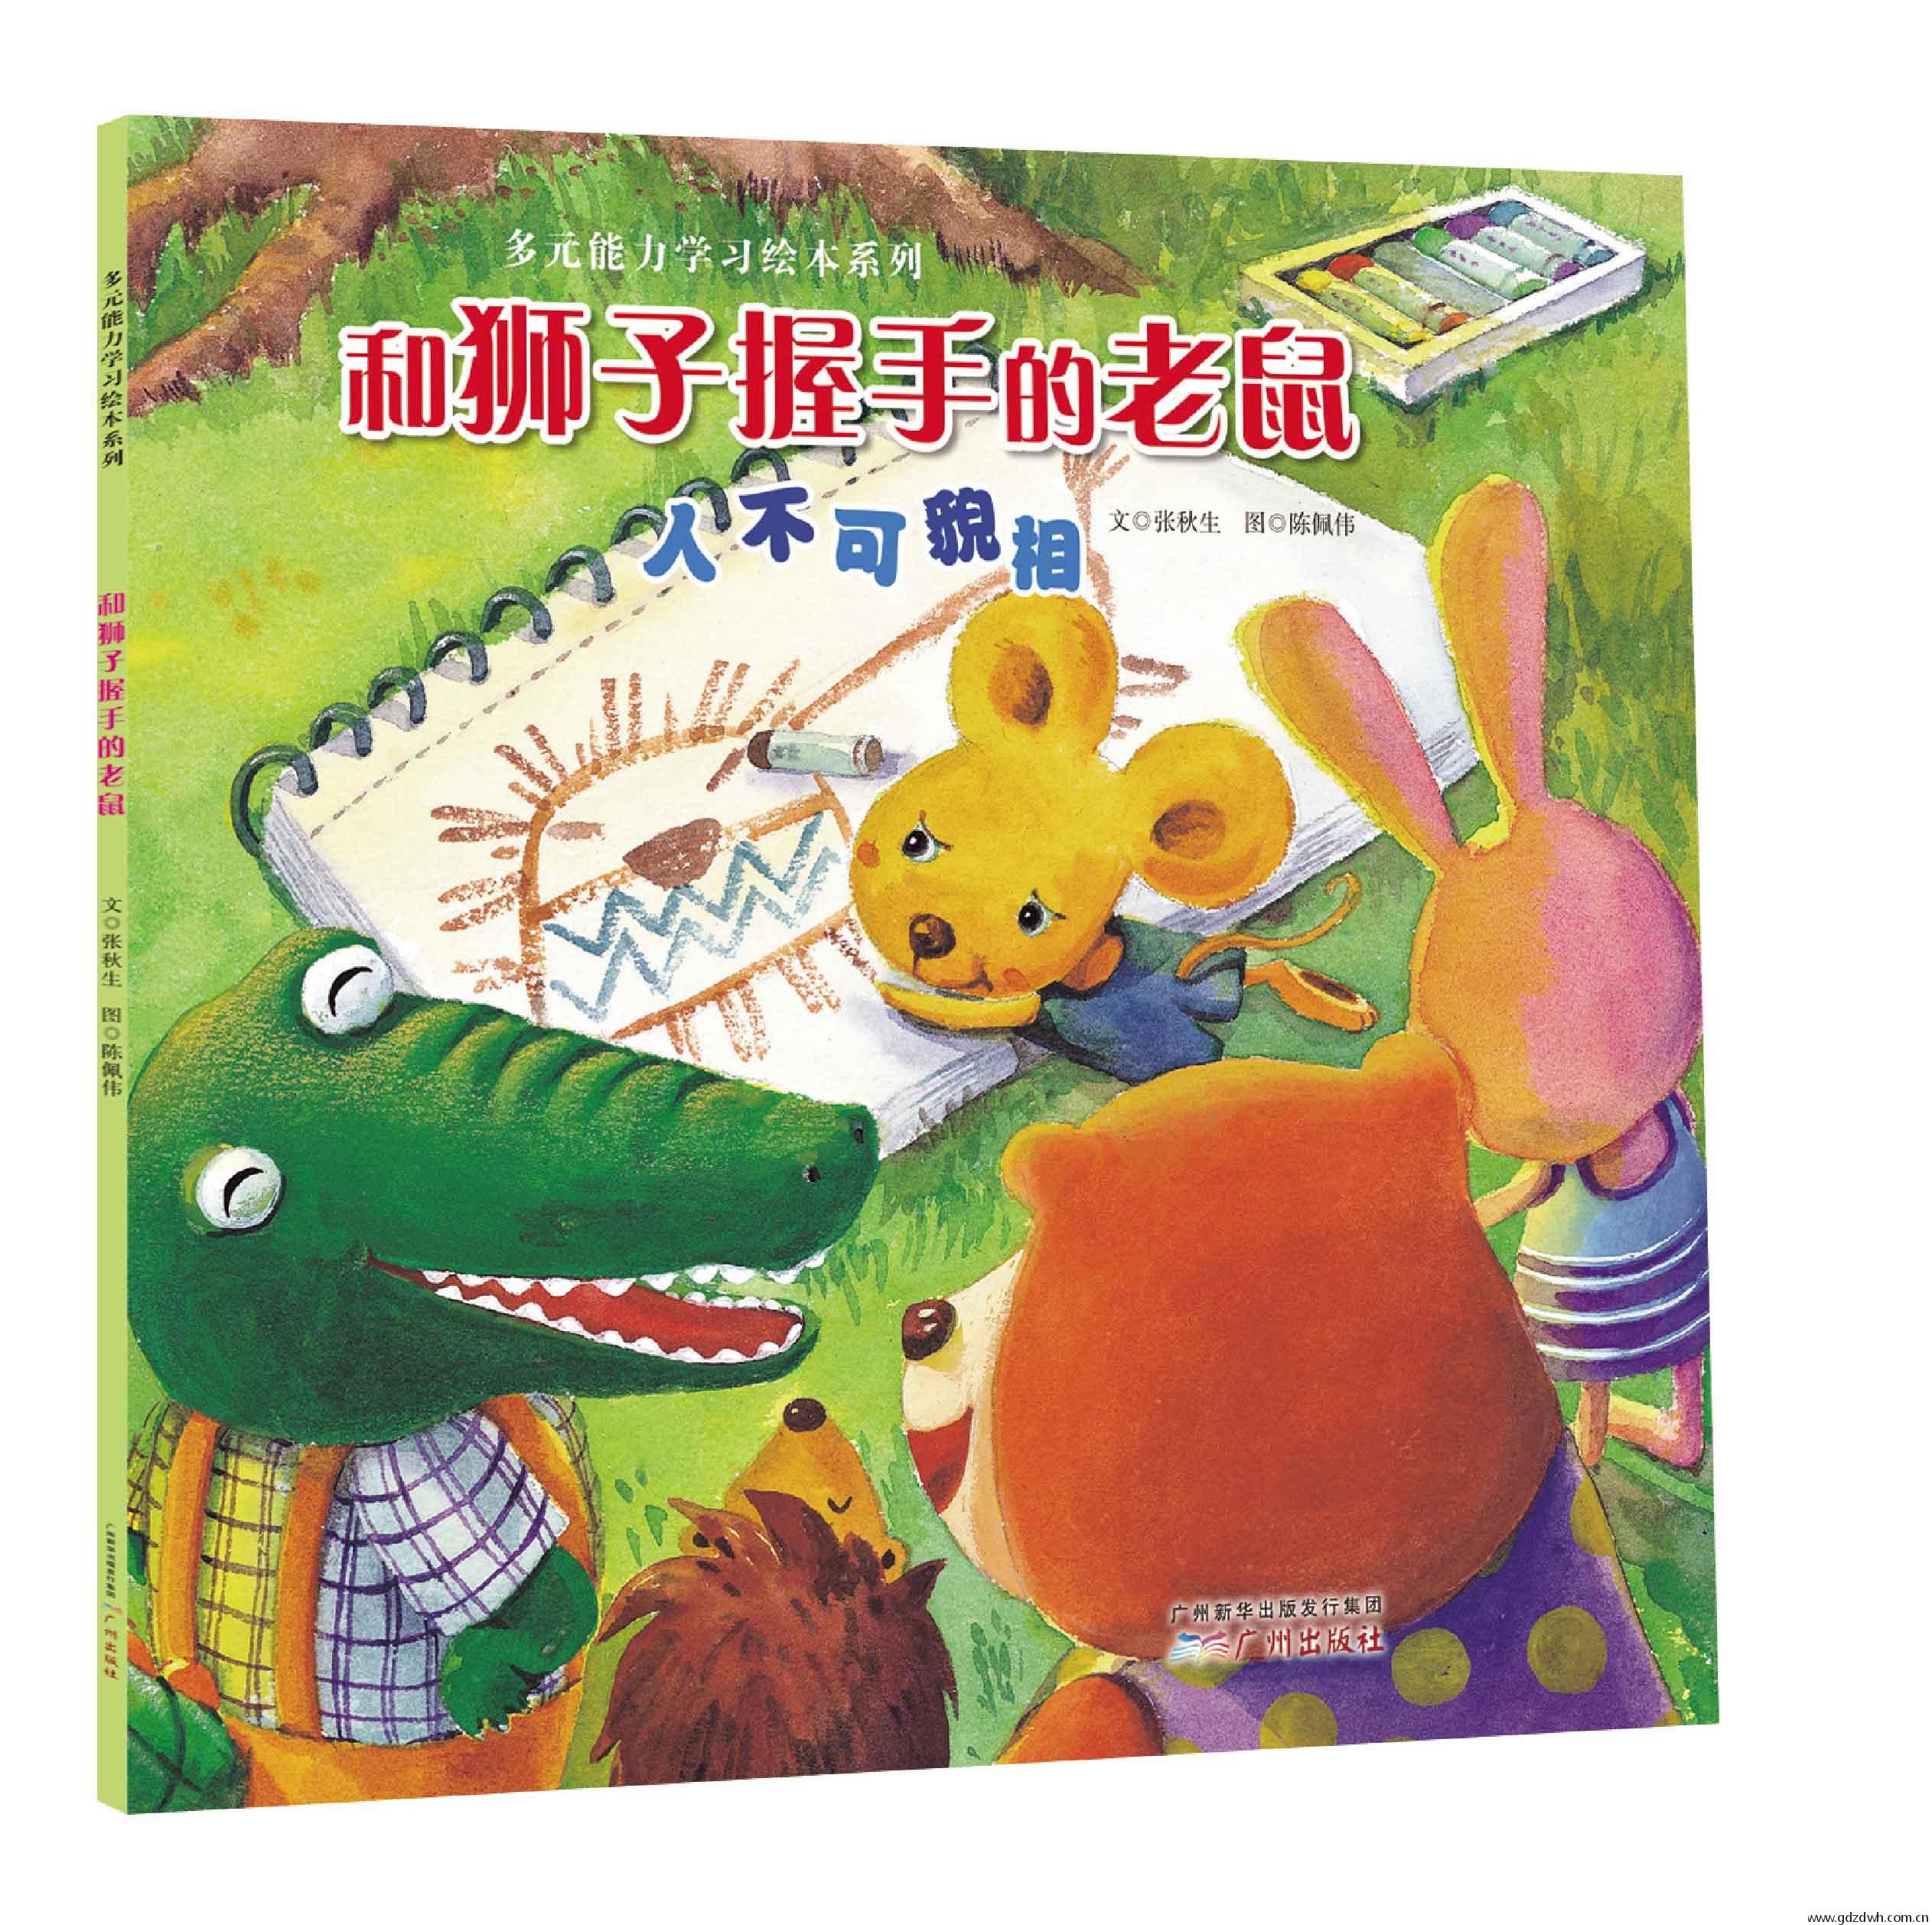 《多元能力学习绘本系列:和狮子握手的老鼠》